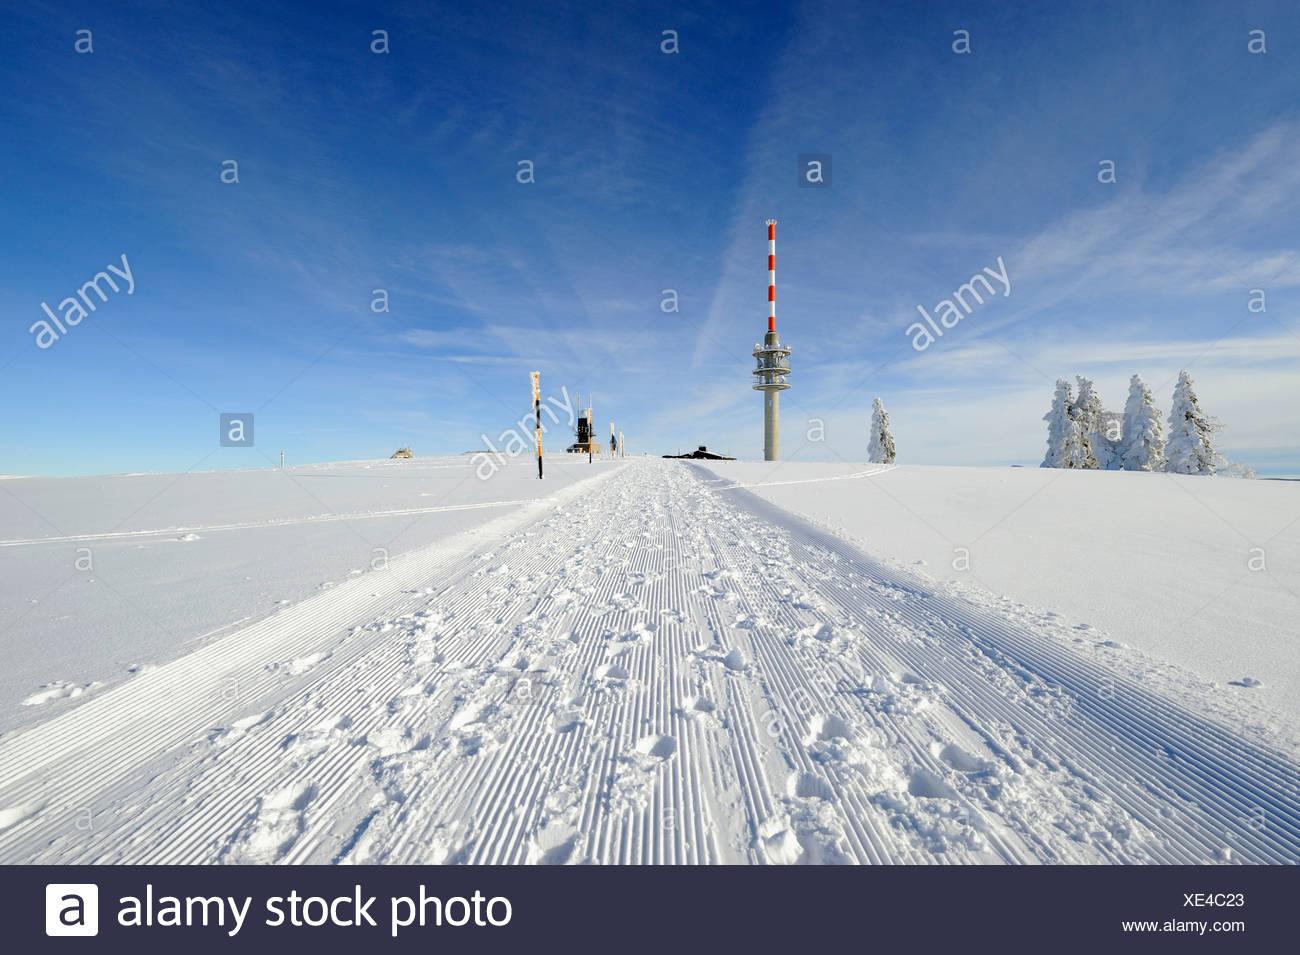 Sentier de neige roulée sur le 1493m de haut Mt. Dans la forêt noire feldberg, à l'horizon le nouveau Feldbergturm antenne avec la Photo Stock